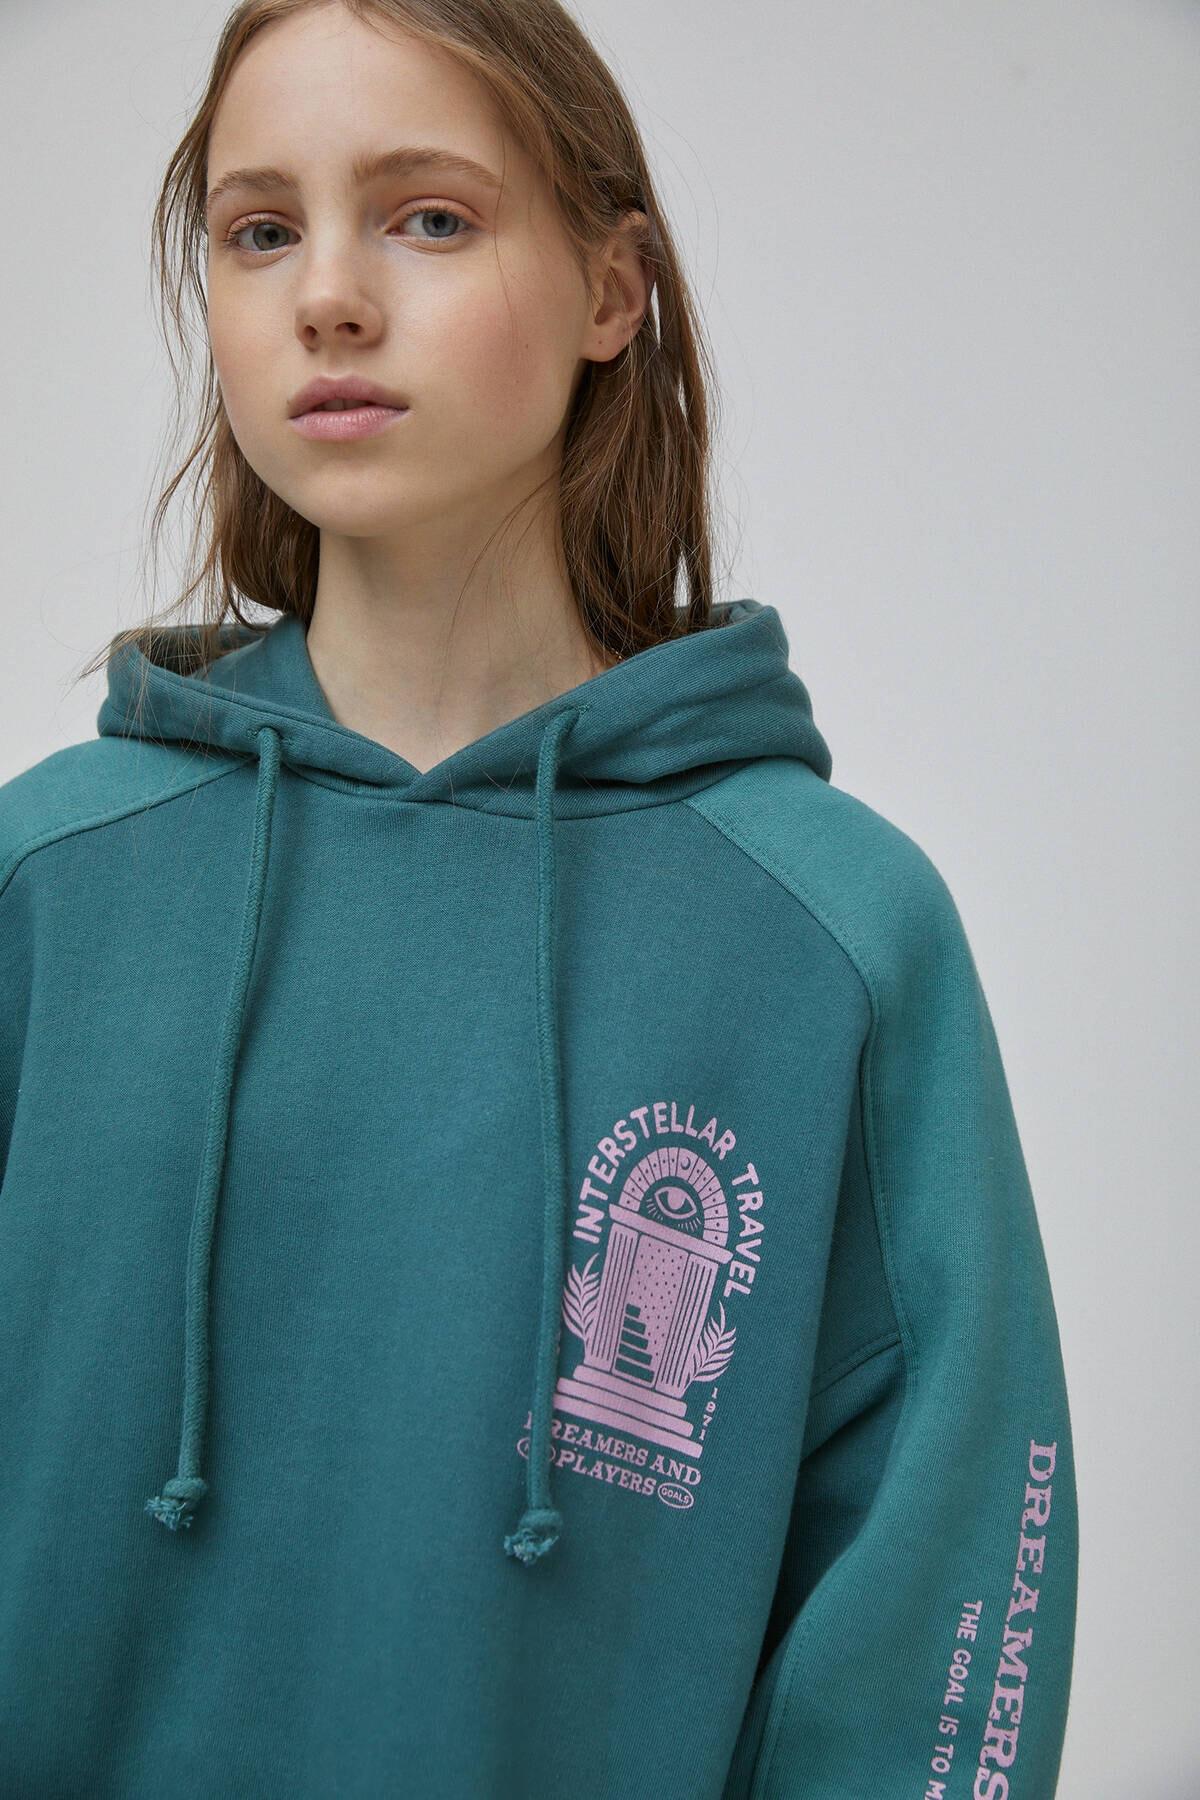 Pull & Bear Kadın Şişe Yeşili Yeşil Blok Renkli Sweatshirt 09594347 4